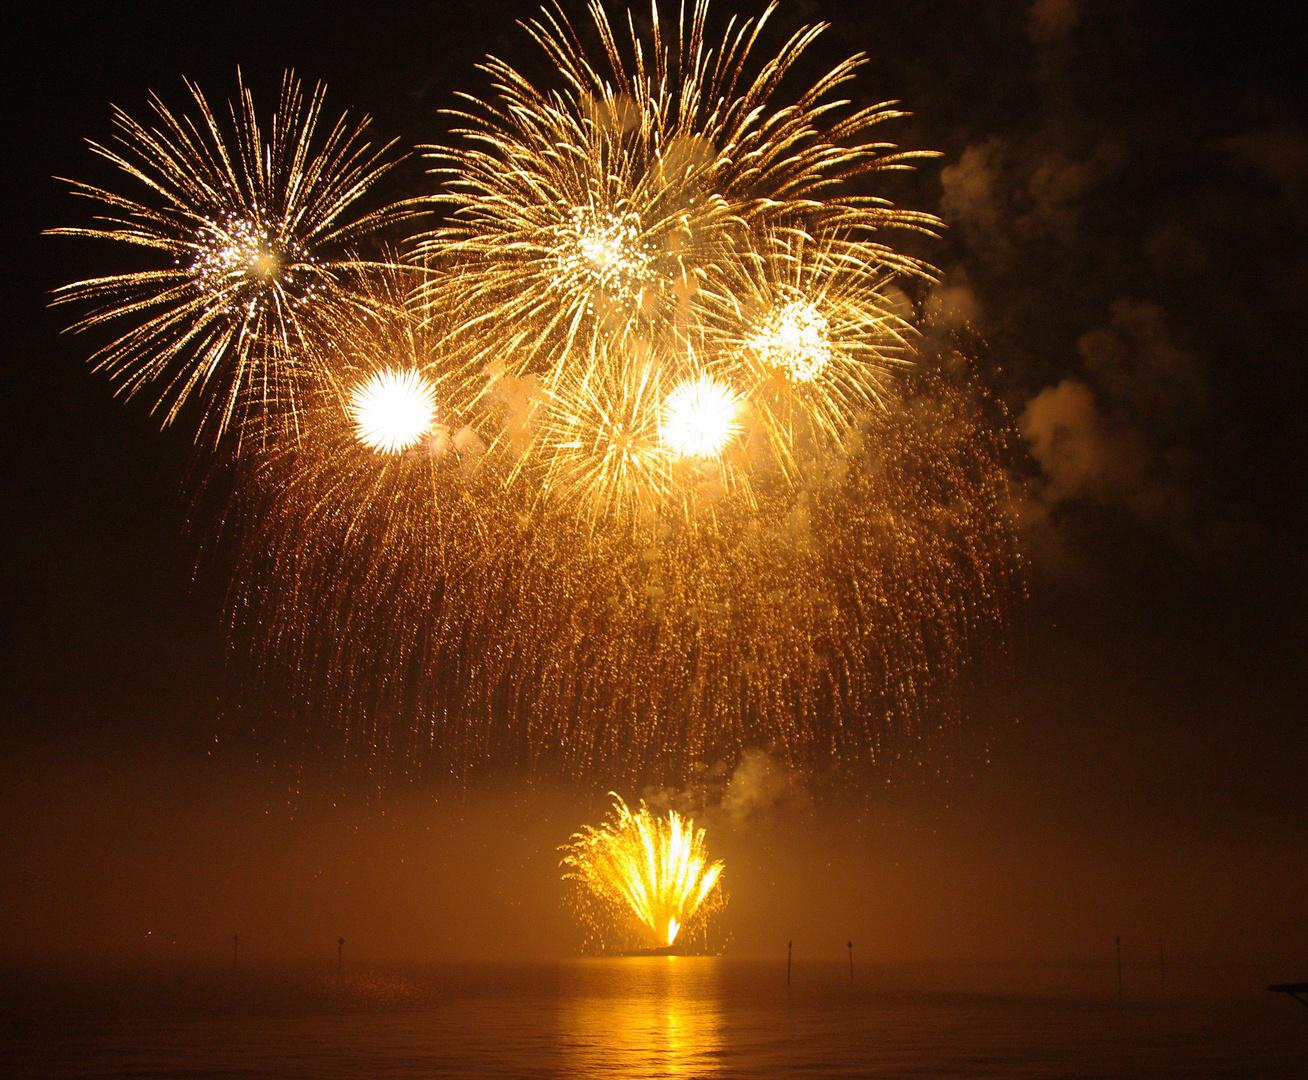 wünsche allen ein gutes neues Jahr 2013 Foto & Bild | karten und ...